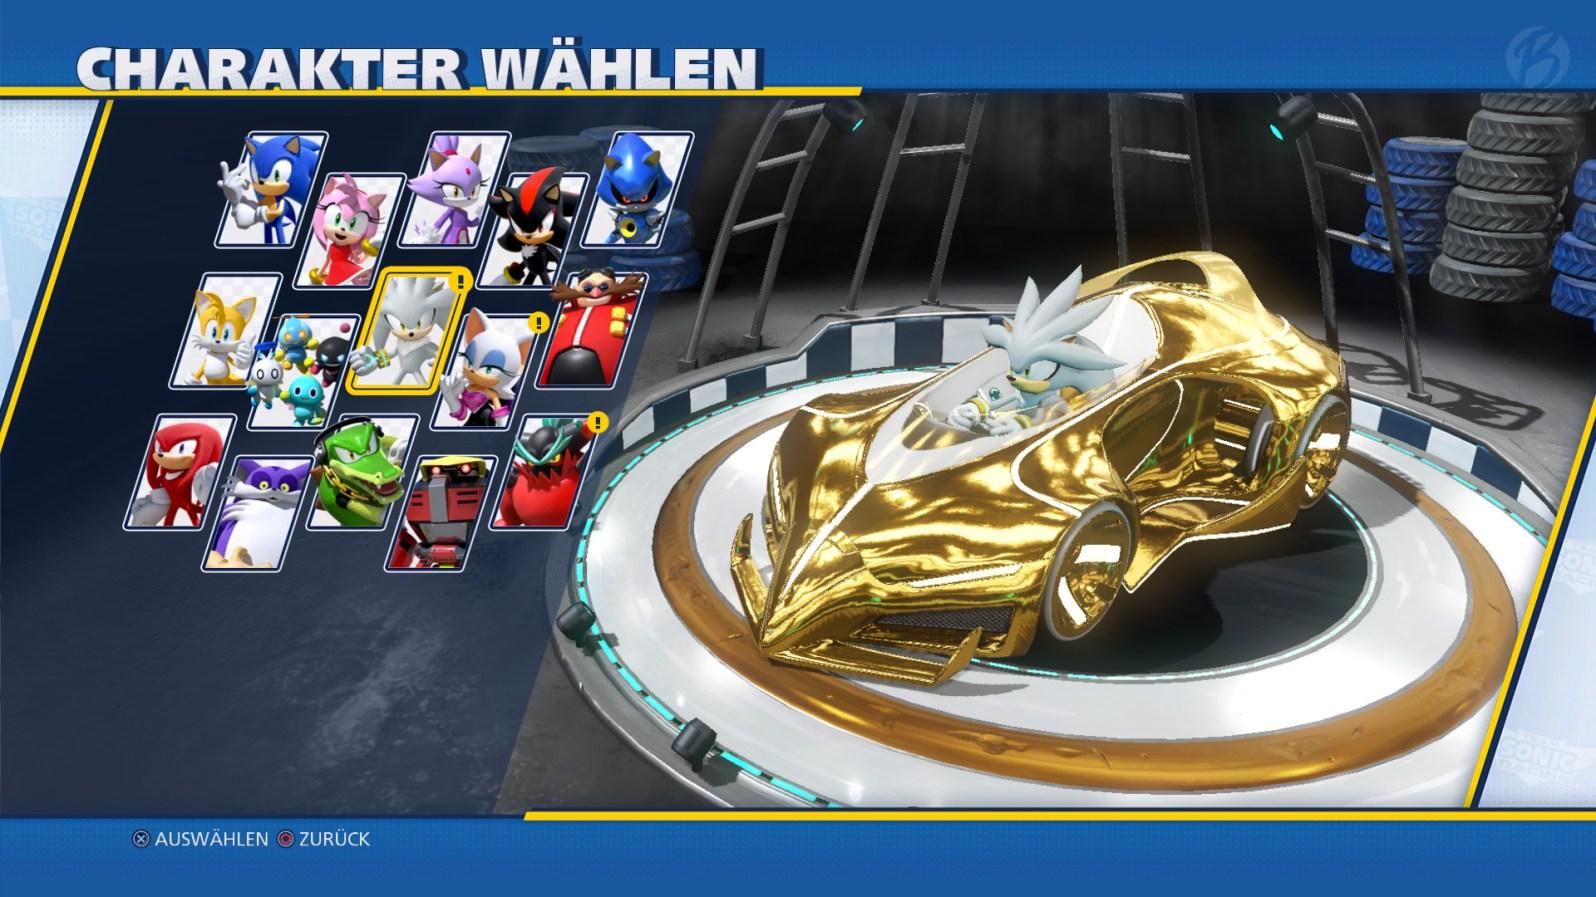 Jeder Charakter besitzt sein eigenes Fahrzeug, das optisch an ihn angepasst wurde. Hier im Bild seht Ihr Silver mit der legendären Fahrzeugausstattung.